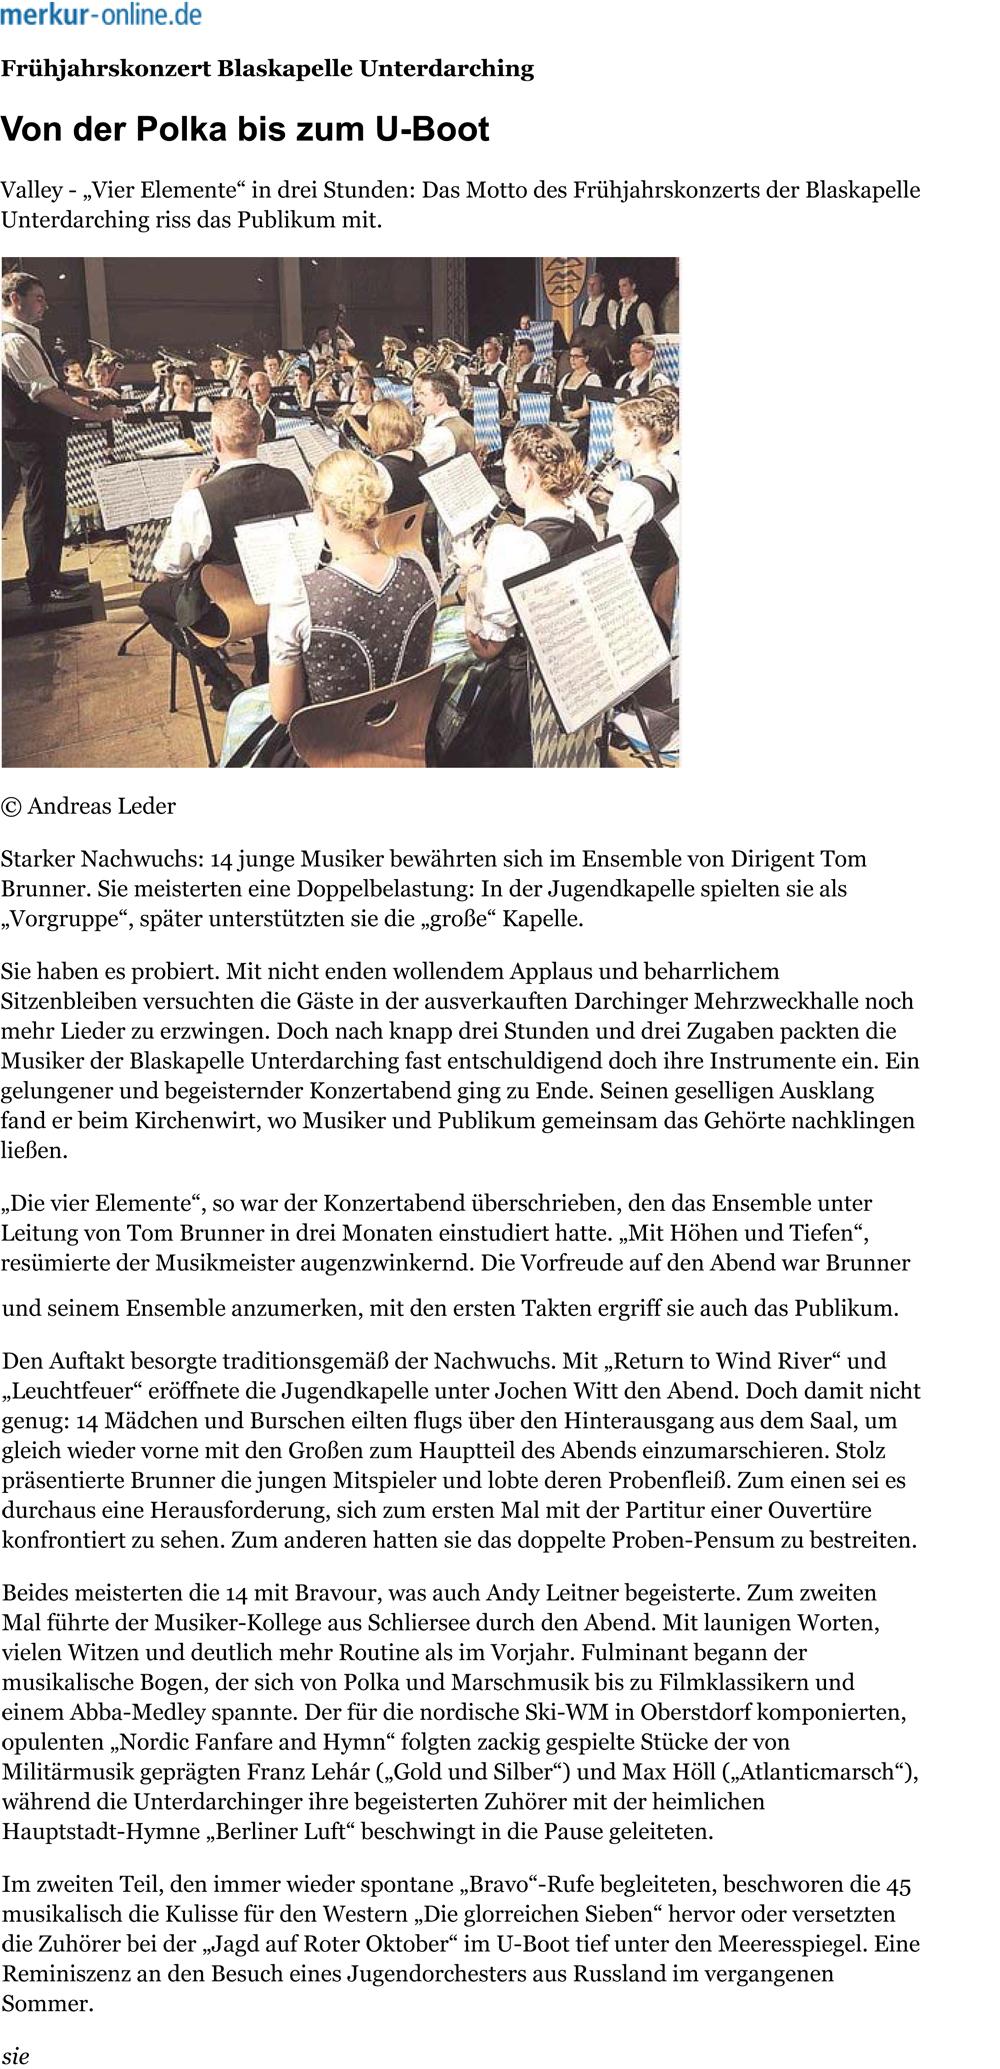 Konzertbericht im Merkur online